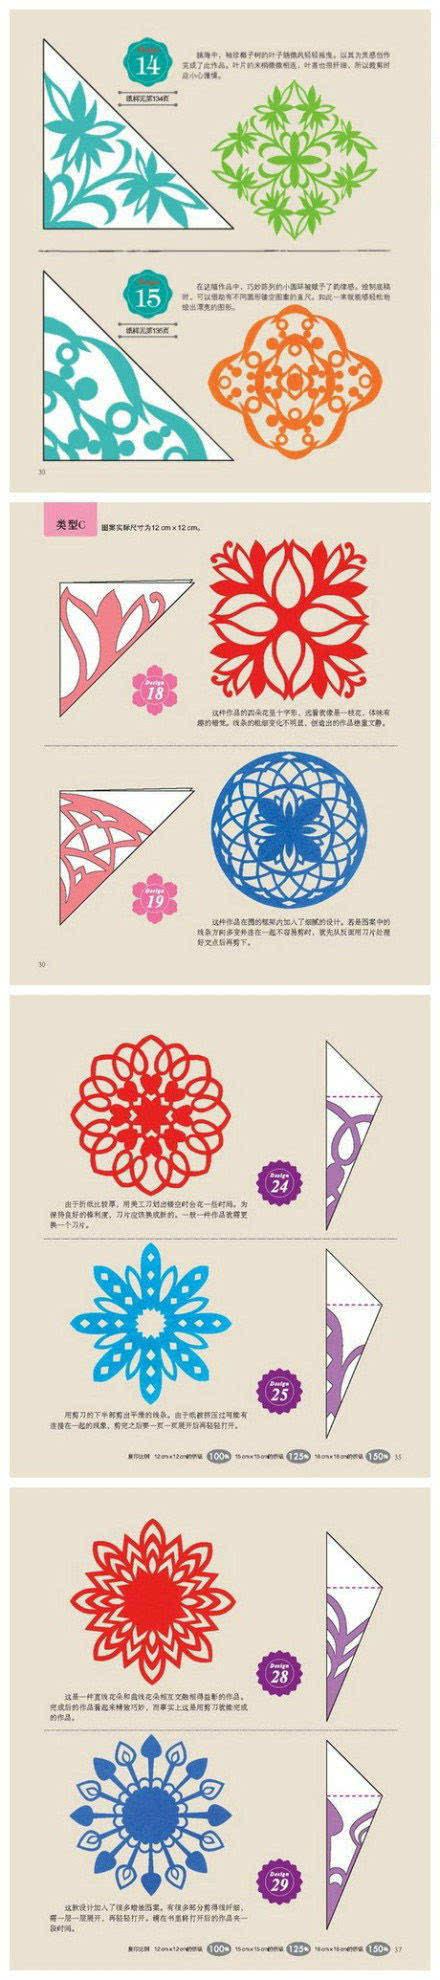 【剪纸图案大全】 图片图形 可做窗花